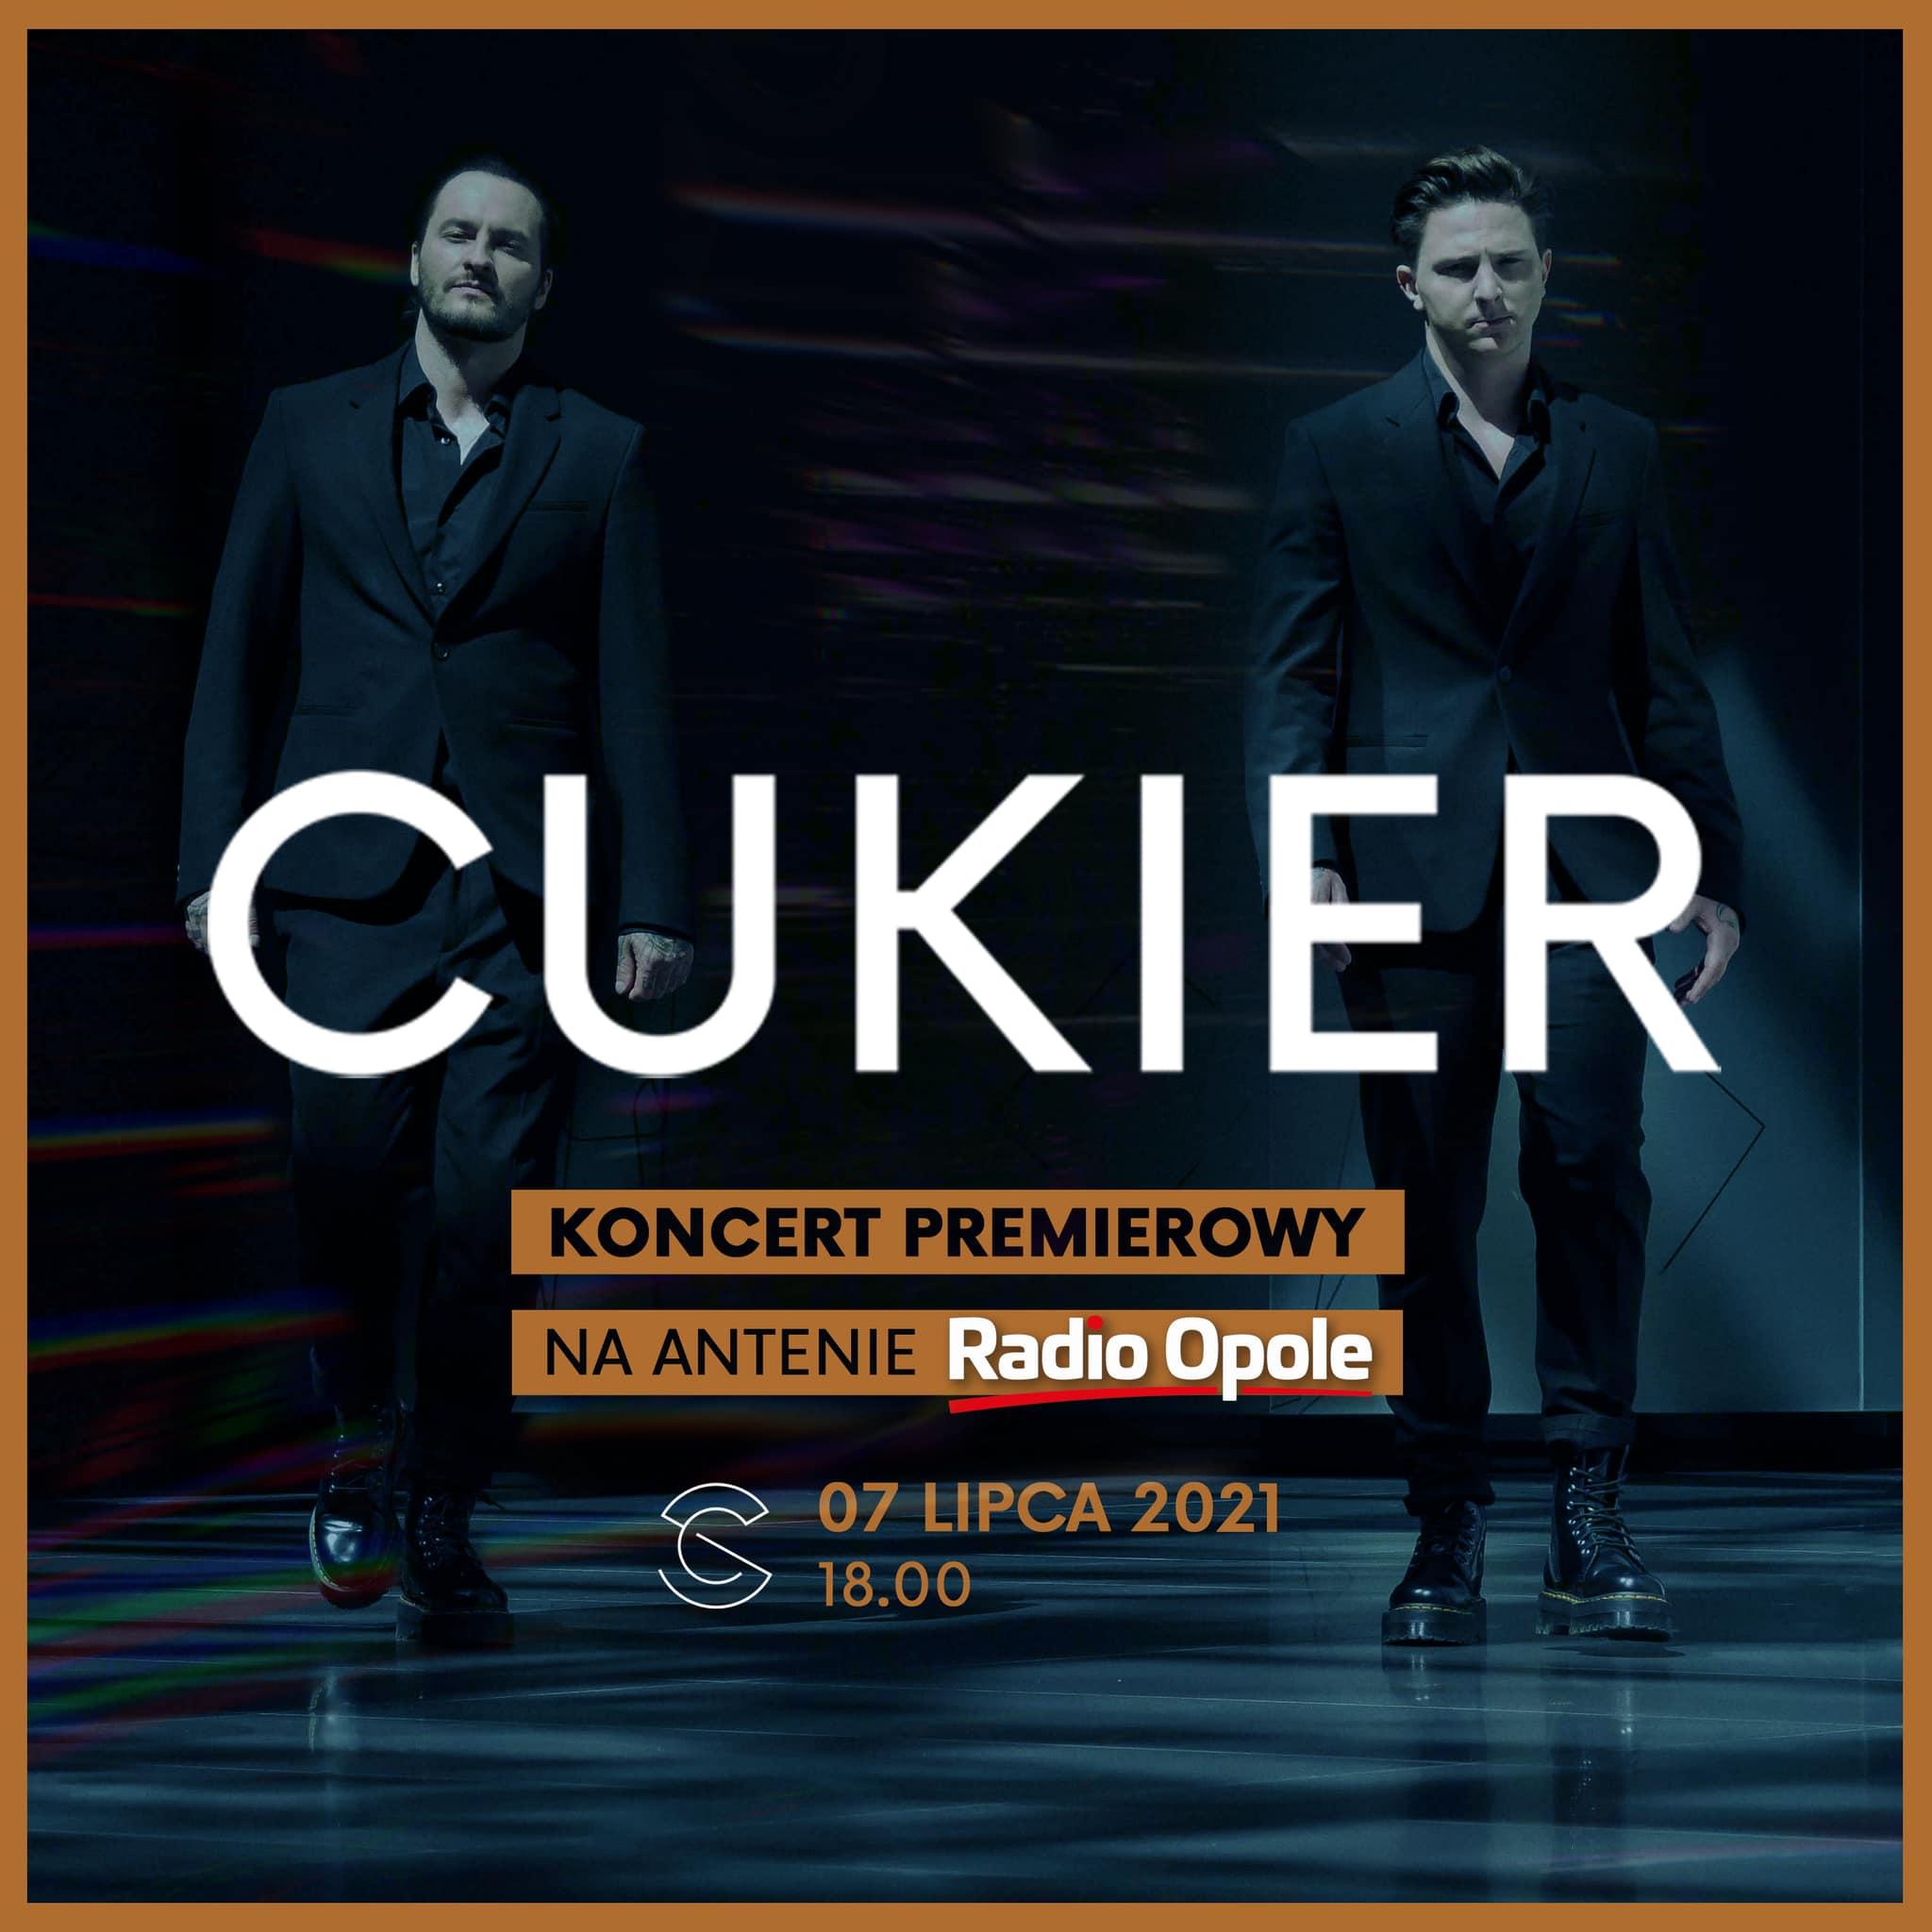 Duet Cukier wystąpi w Studiu M im. SBB - posłuchaj transmisji w środę (07.07)